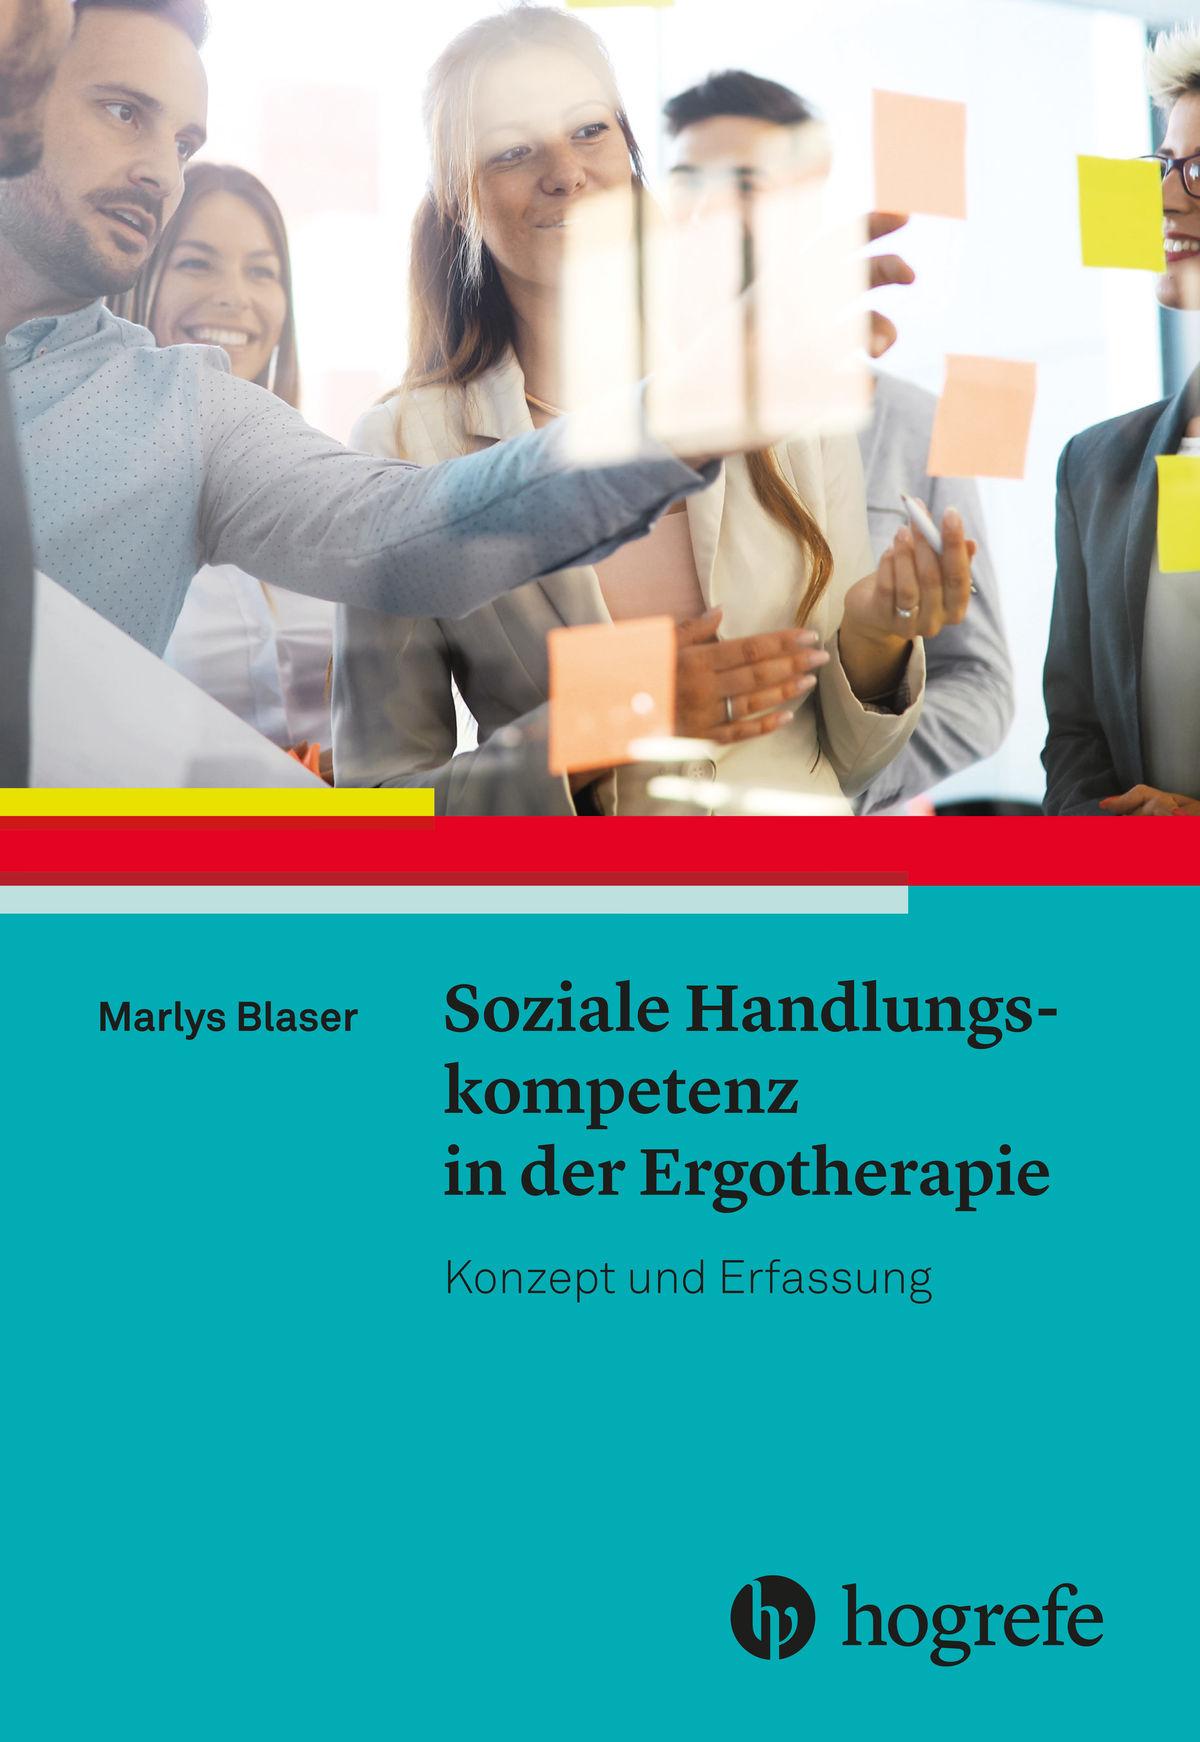 Soziale Handlungskompetenz in der Ergotherapie